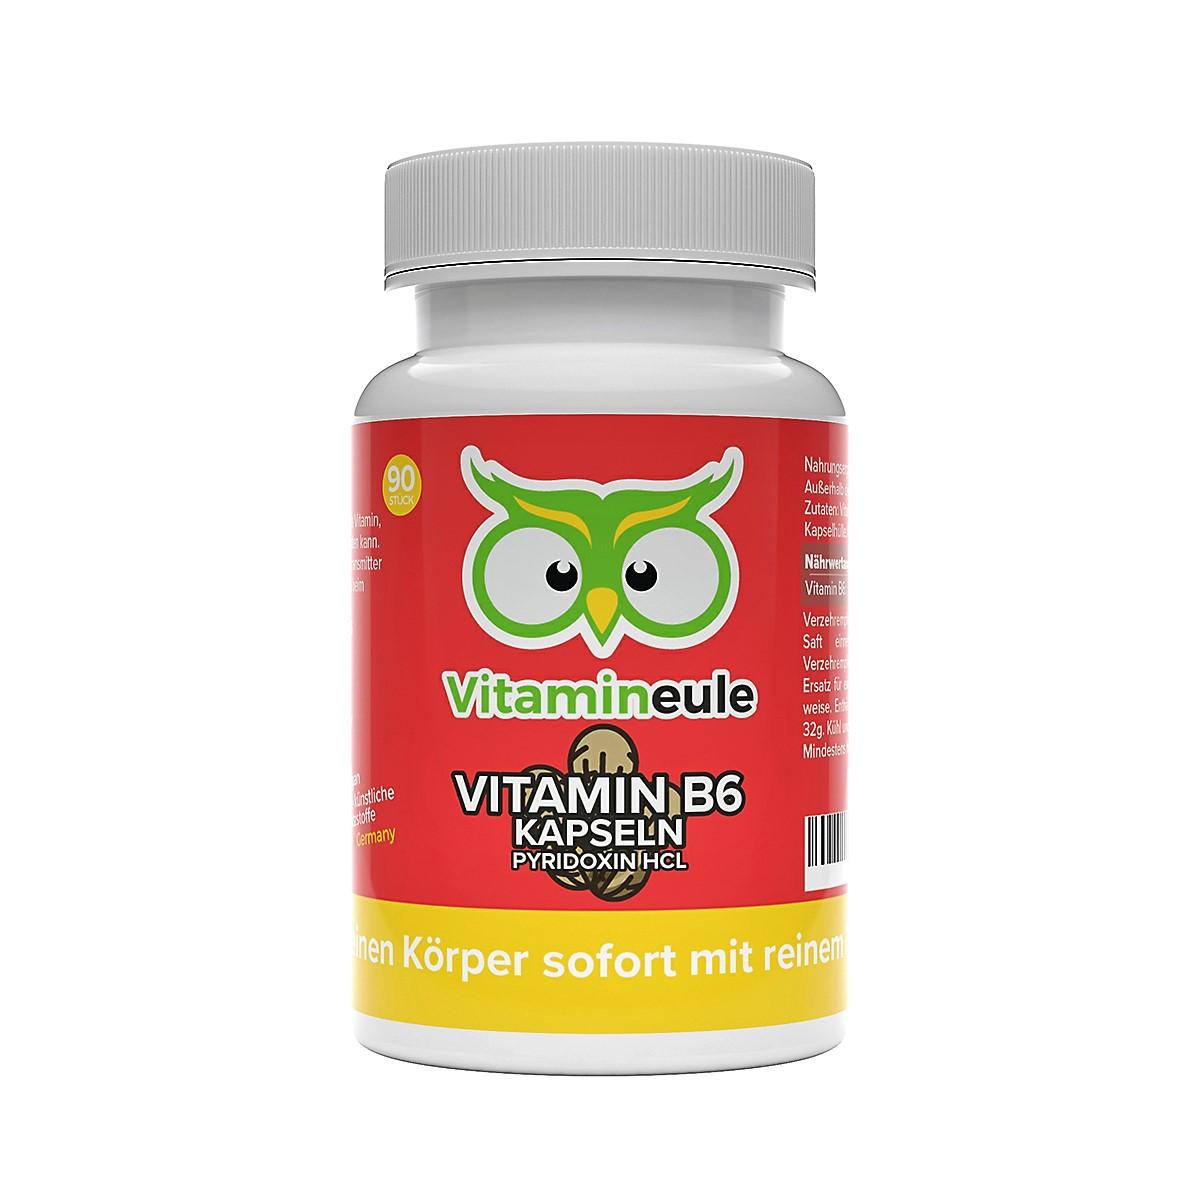 Vitamin B6 Kapseln von Vitamineule ohne Zusatzstoffe